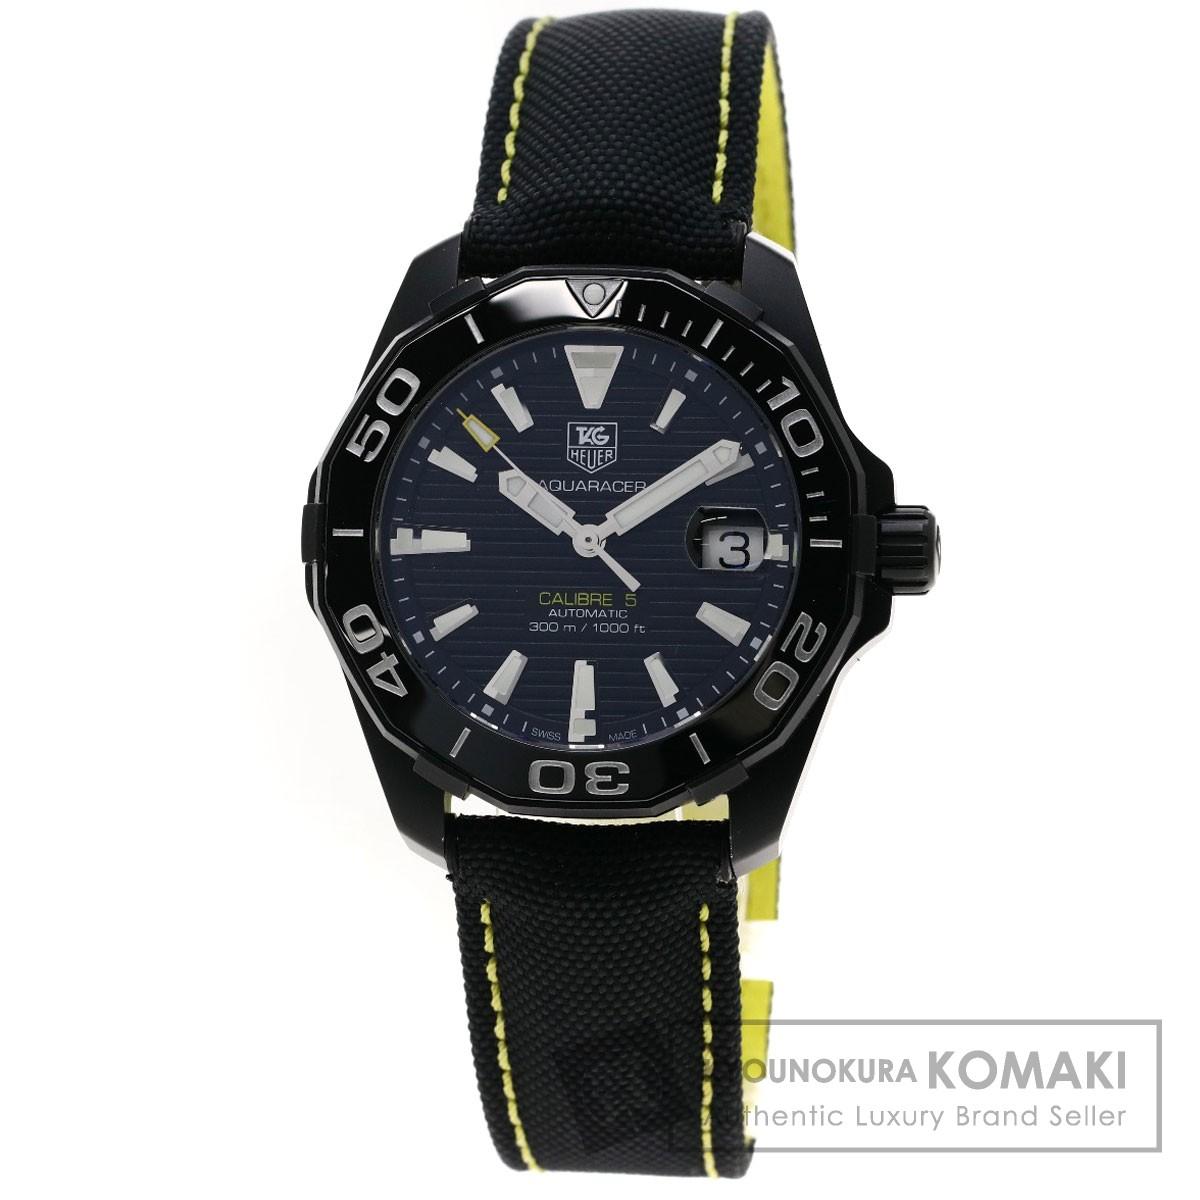 タグホイヤー WAY218A アクアレーサー 腕時計 チタン/革 メンズ 【中古】【TAG HEUER】